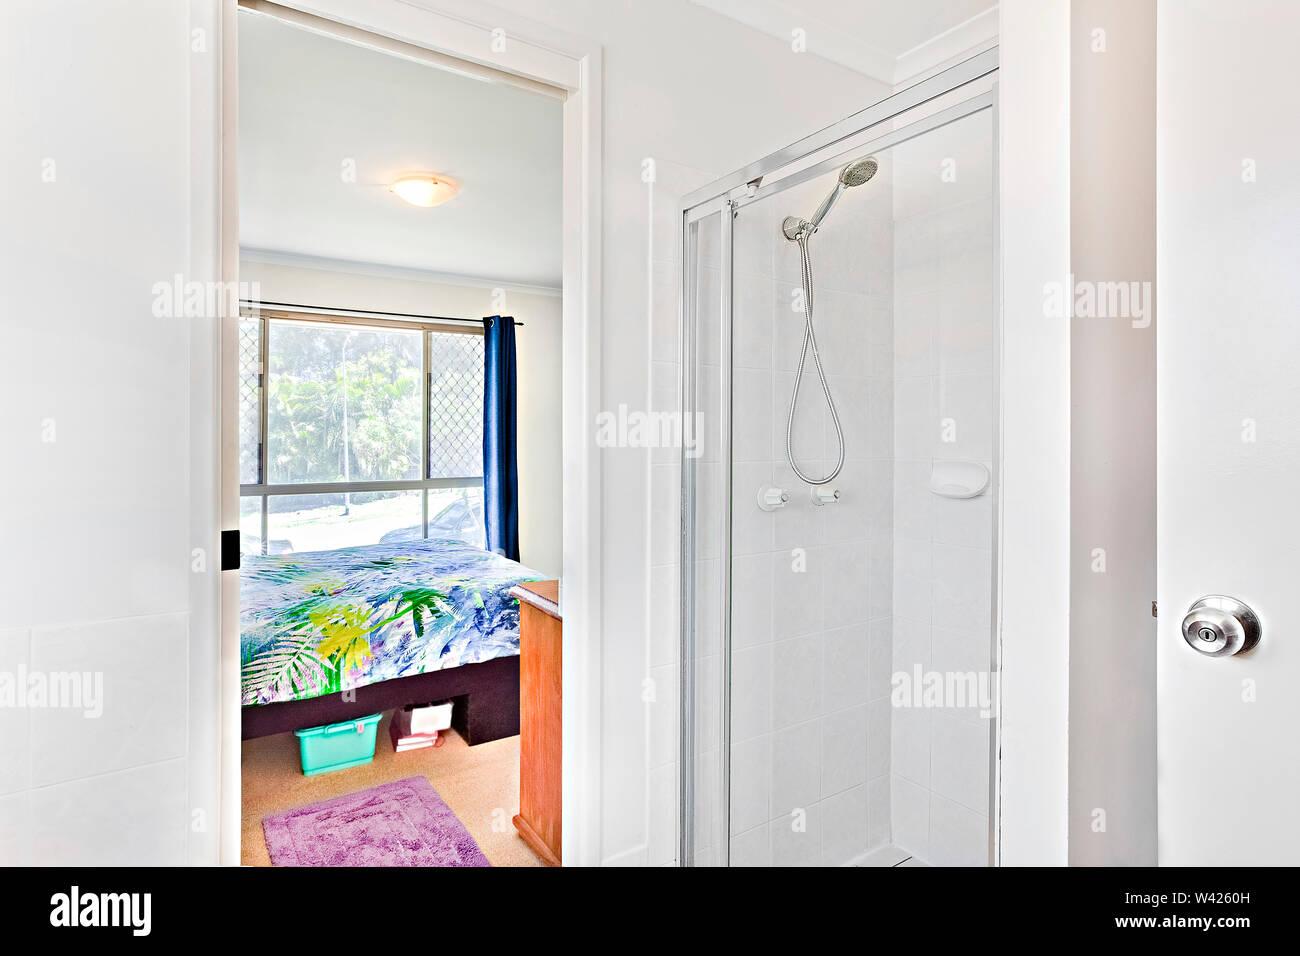 Area lavaggio all'interno di un appartamento, letto confortevole con disegni, le pareti sono di colore bianco e i cuscini sono belli, all'interno di un ambiente di appartamenti. Immagini Stock